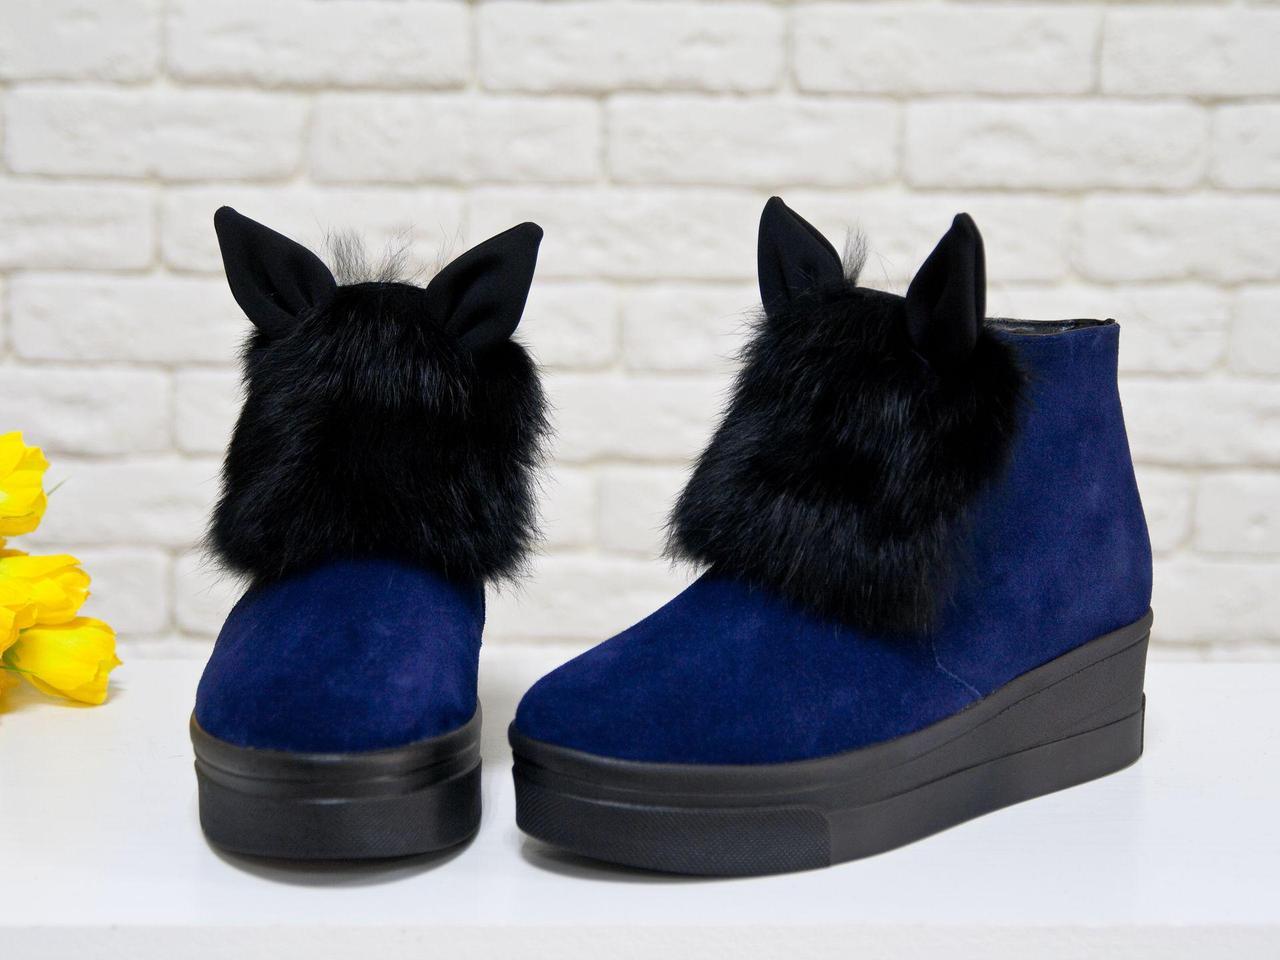 Яркие и игривые женские ботинки из натуральной замши синего цвета с ушками и меховой вставкой из натурального кролика, на удобной не высокой танкетке,